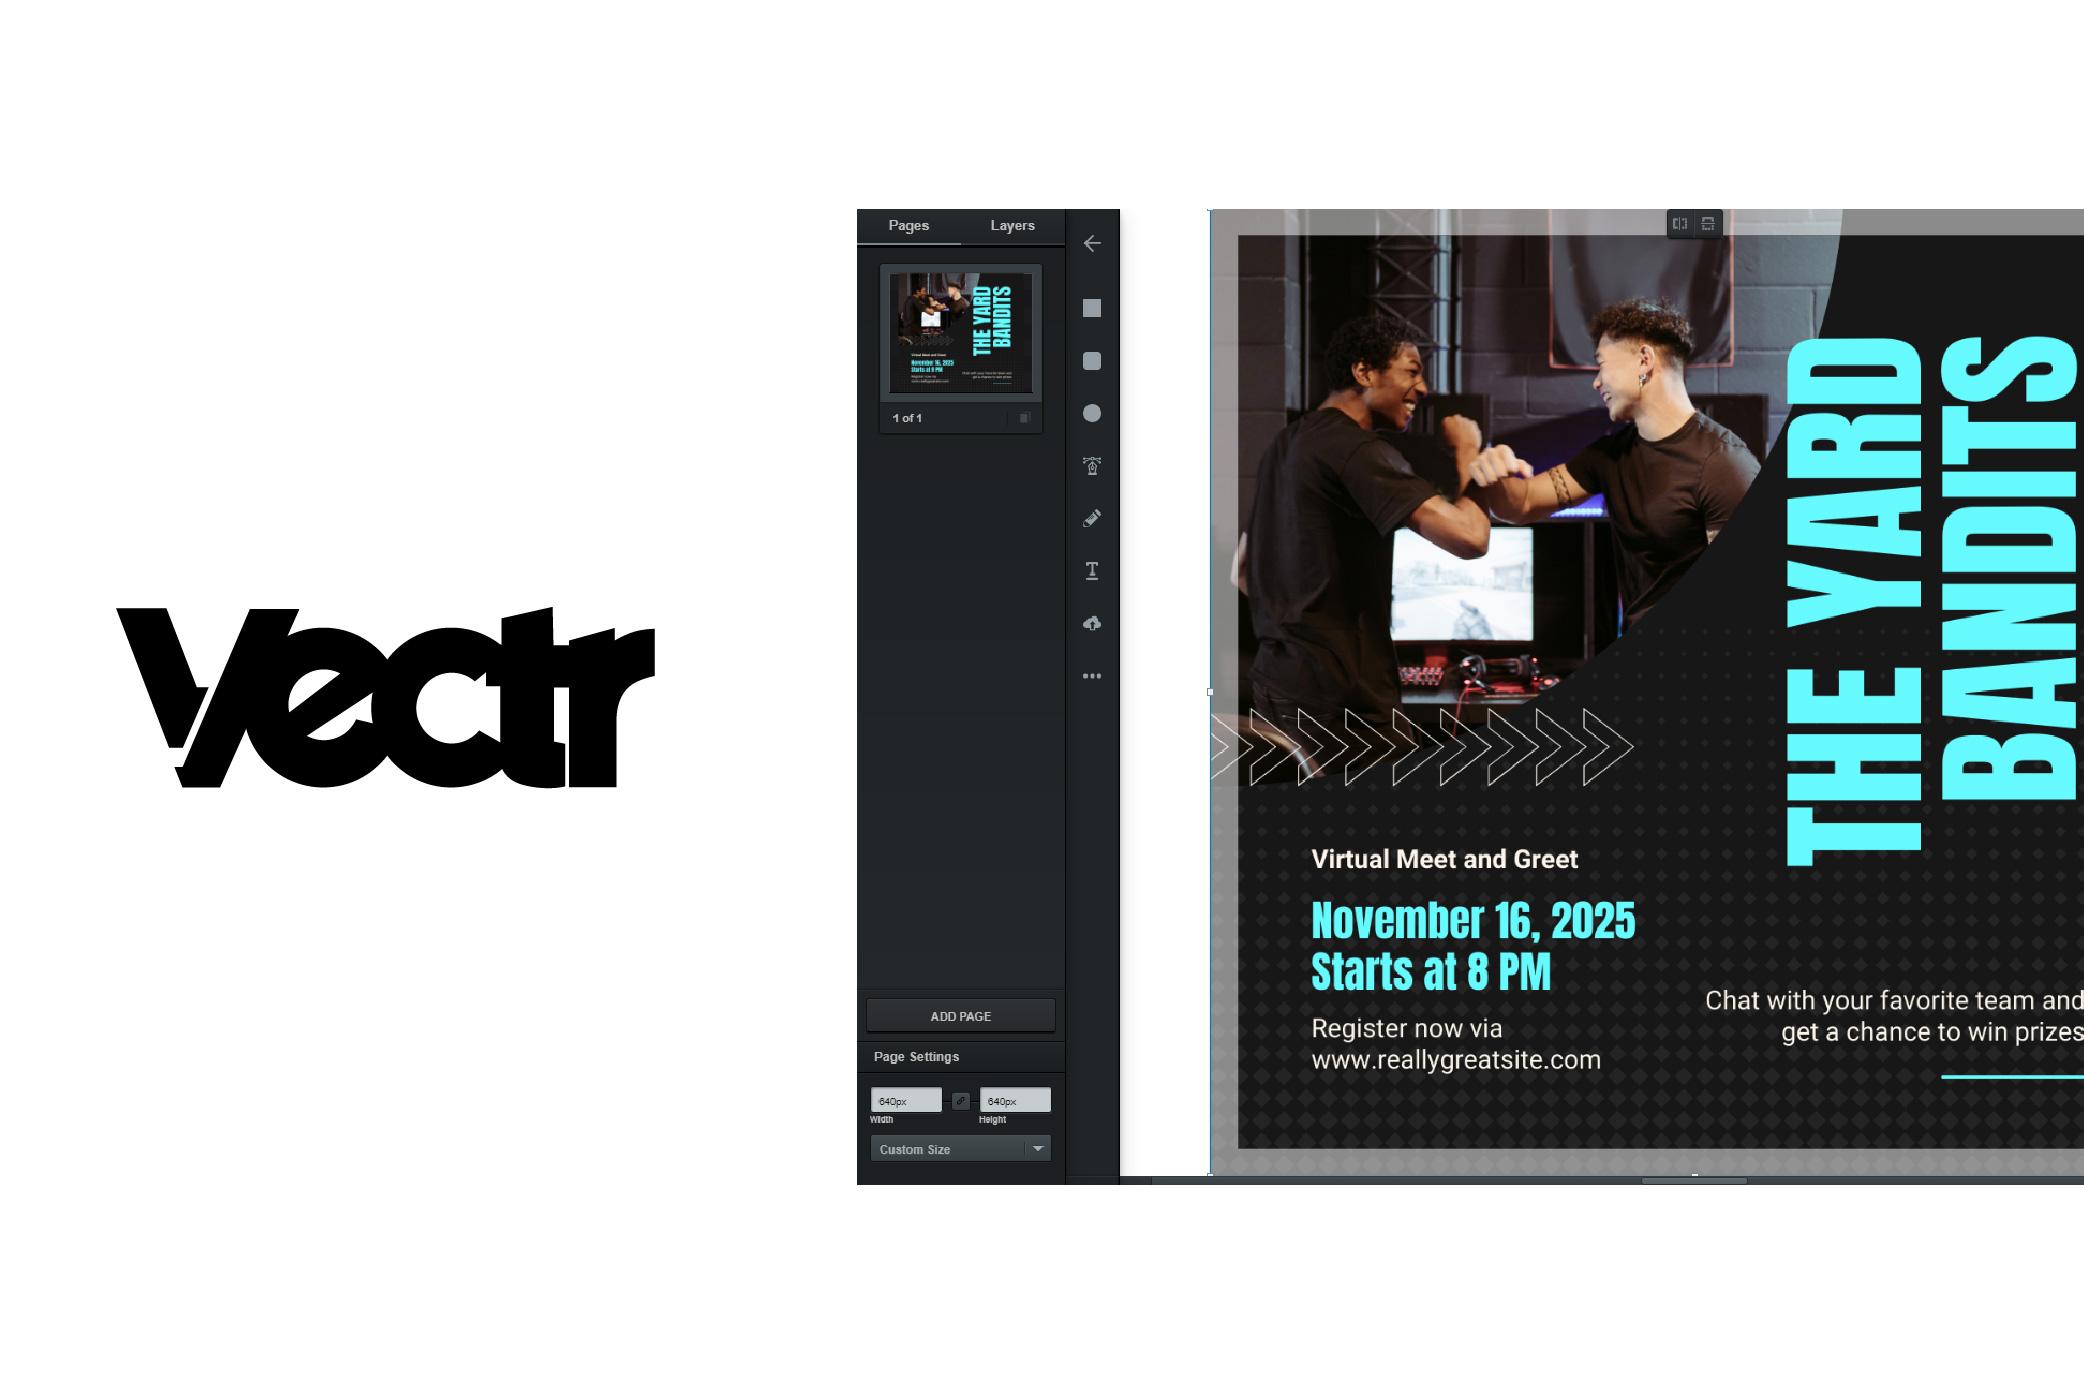 UI of Vectr software